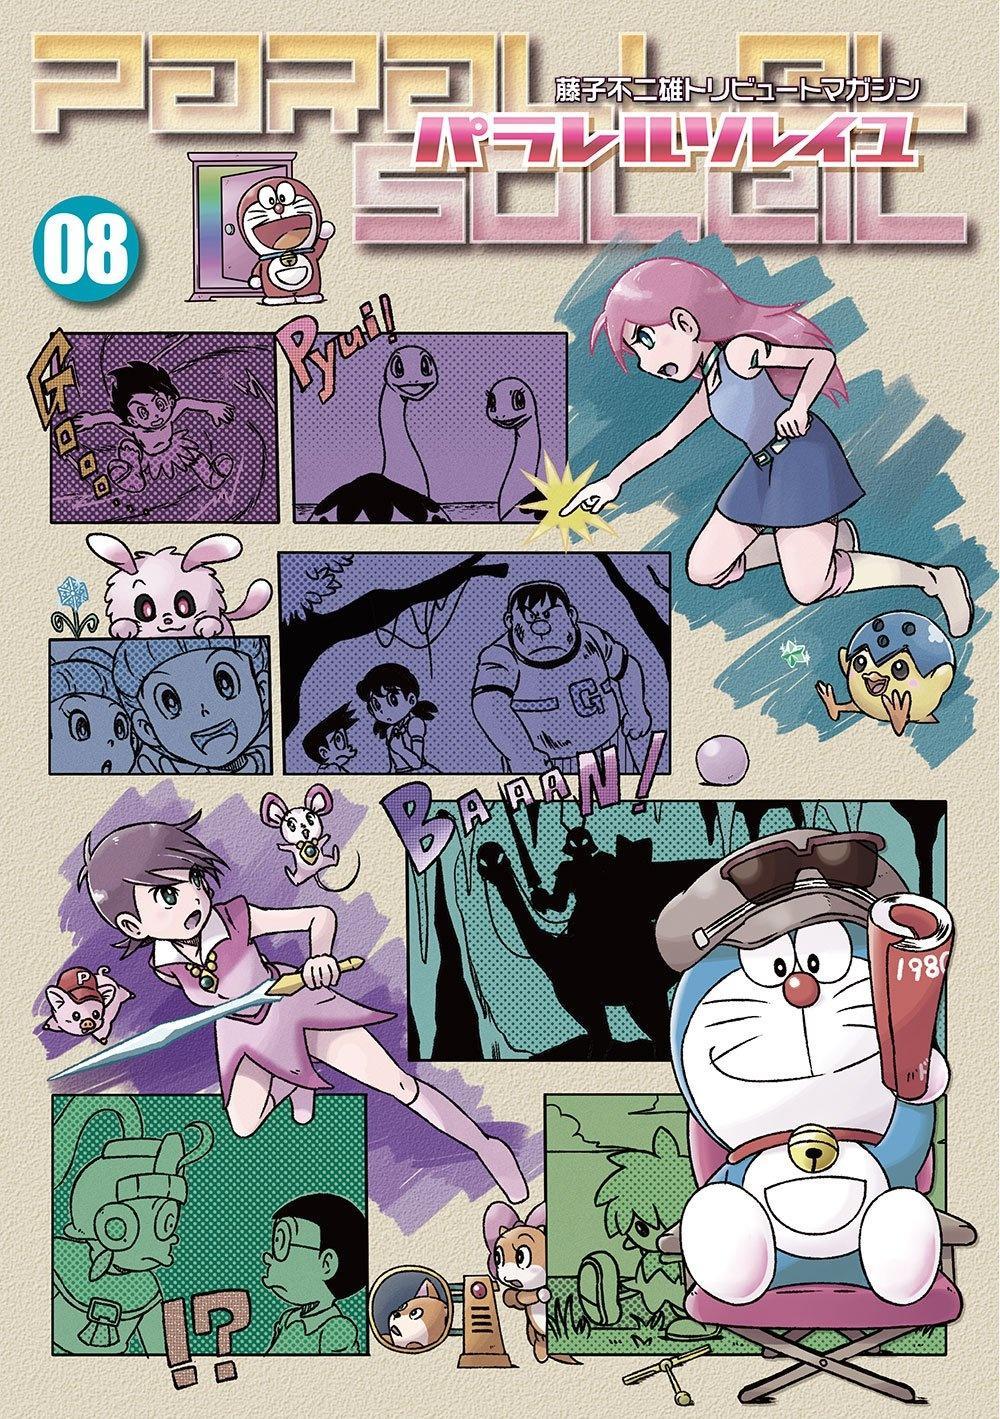 梦宅_在日本,地位最高的动漫是哆啦a梦么? - 知乎